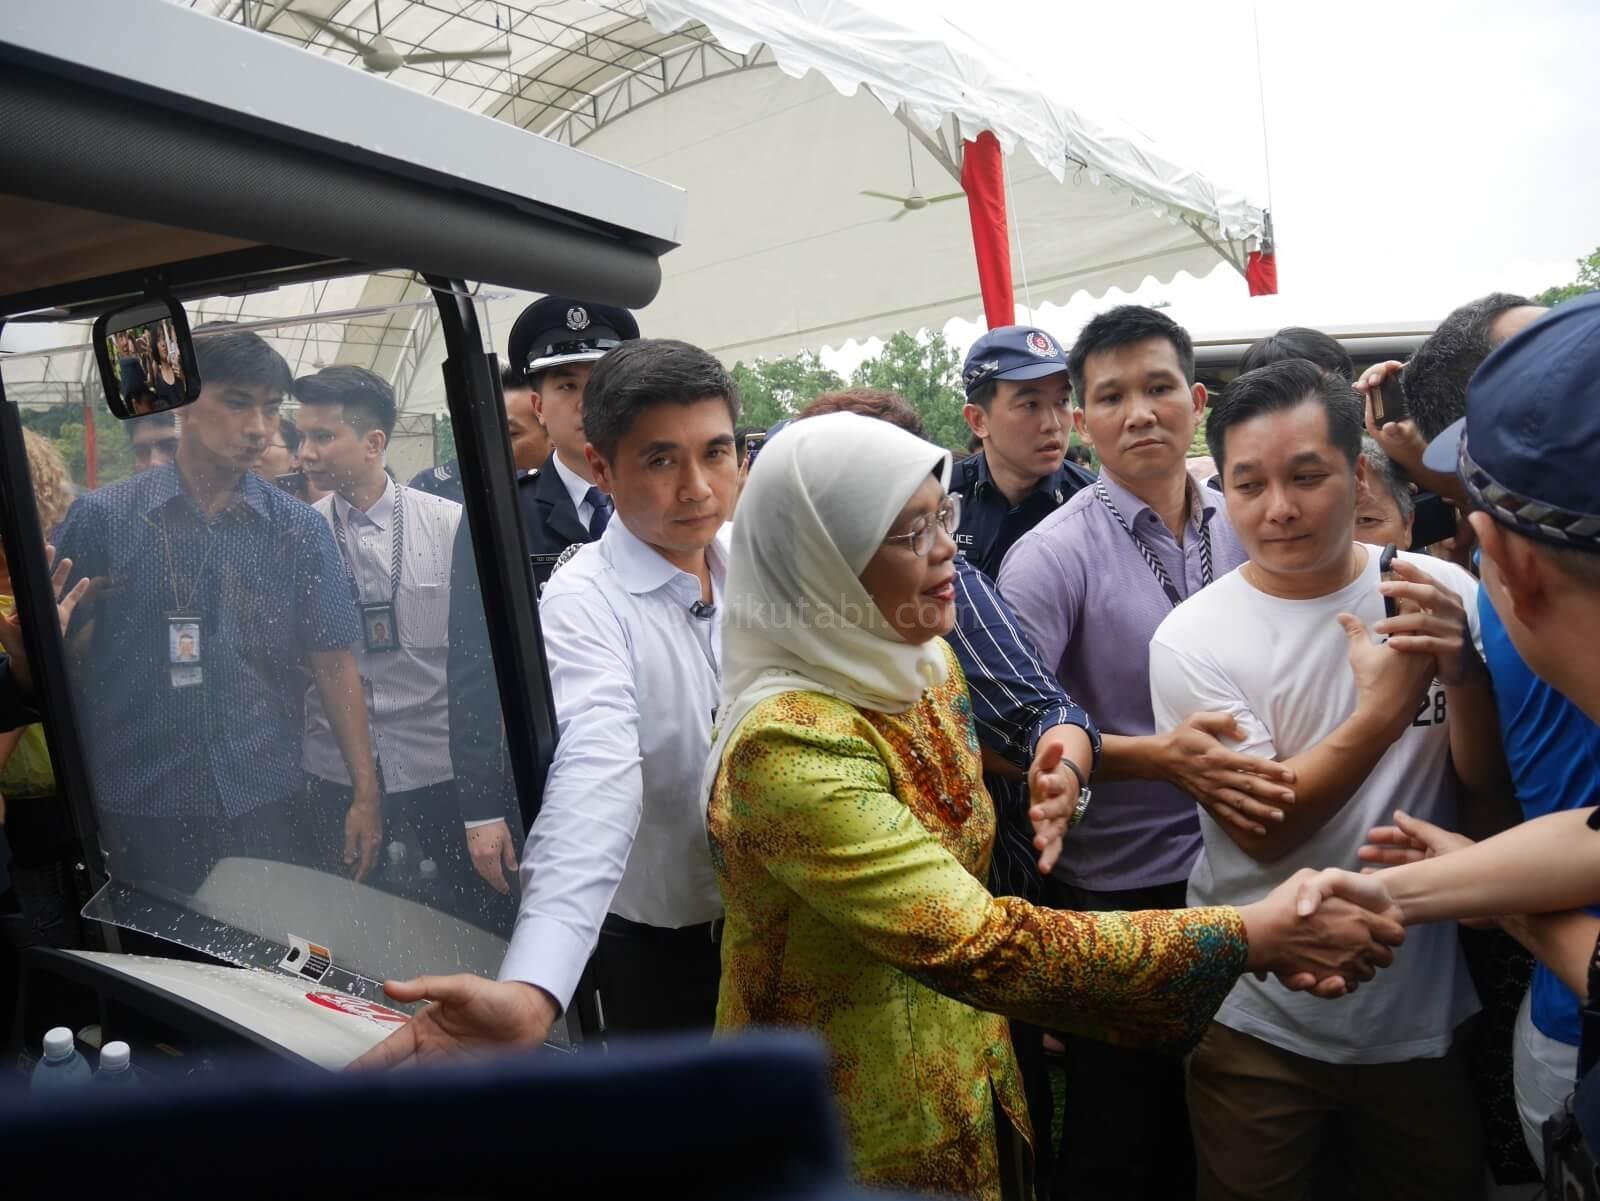 シンガポールの首相官邸「イスタナ」オープンハウスの様子